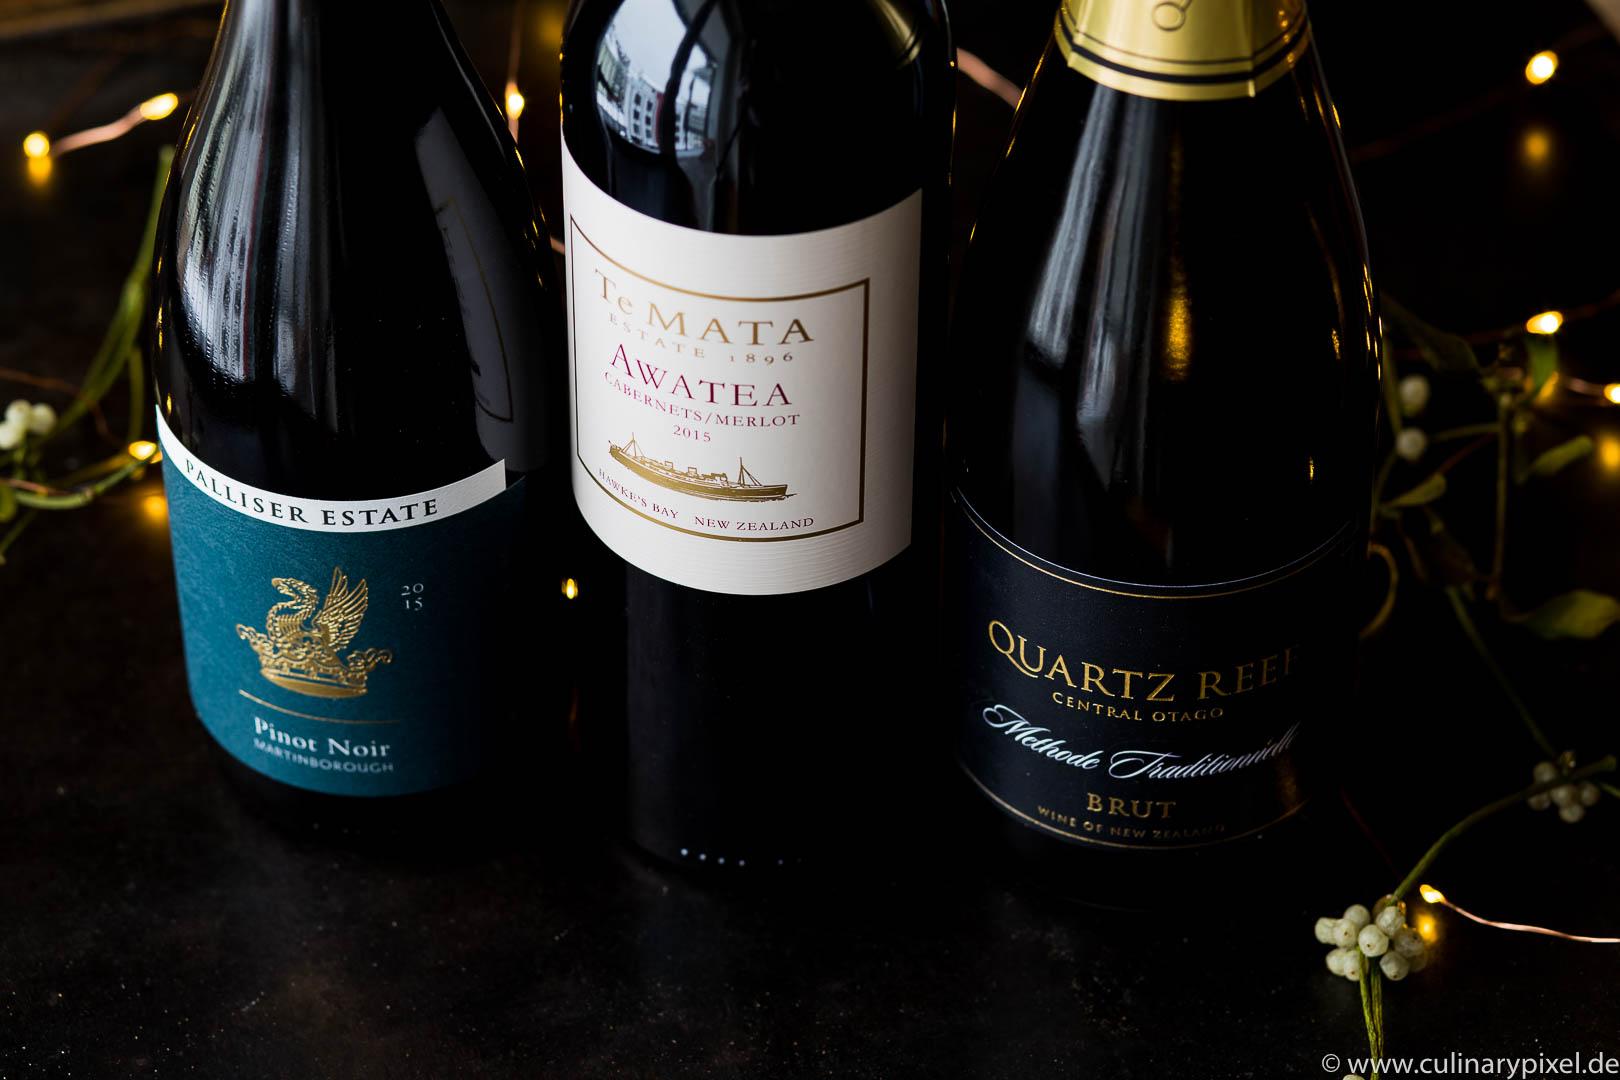 Weinpaket aus Neuseeland: Gewinnspiel zu Weihnachten